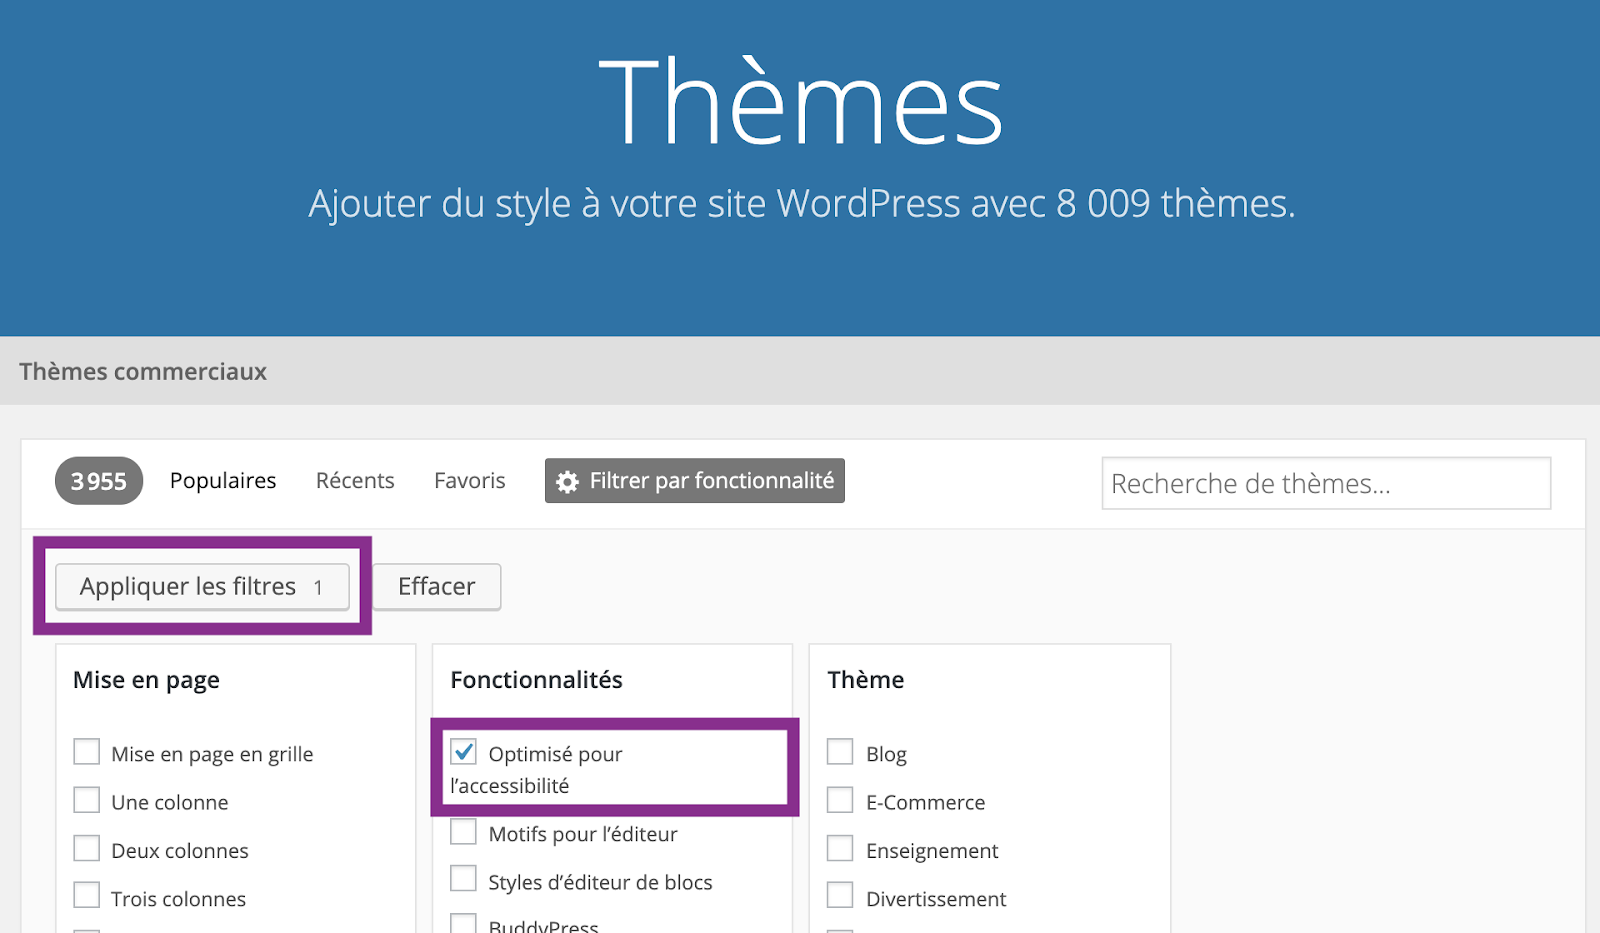 Capture d'écran des filtres à activer sur la page des thèmes sur wordpress.org